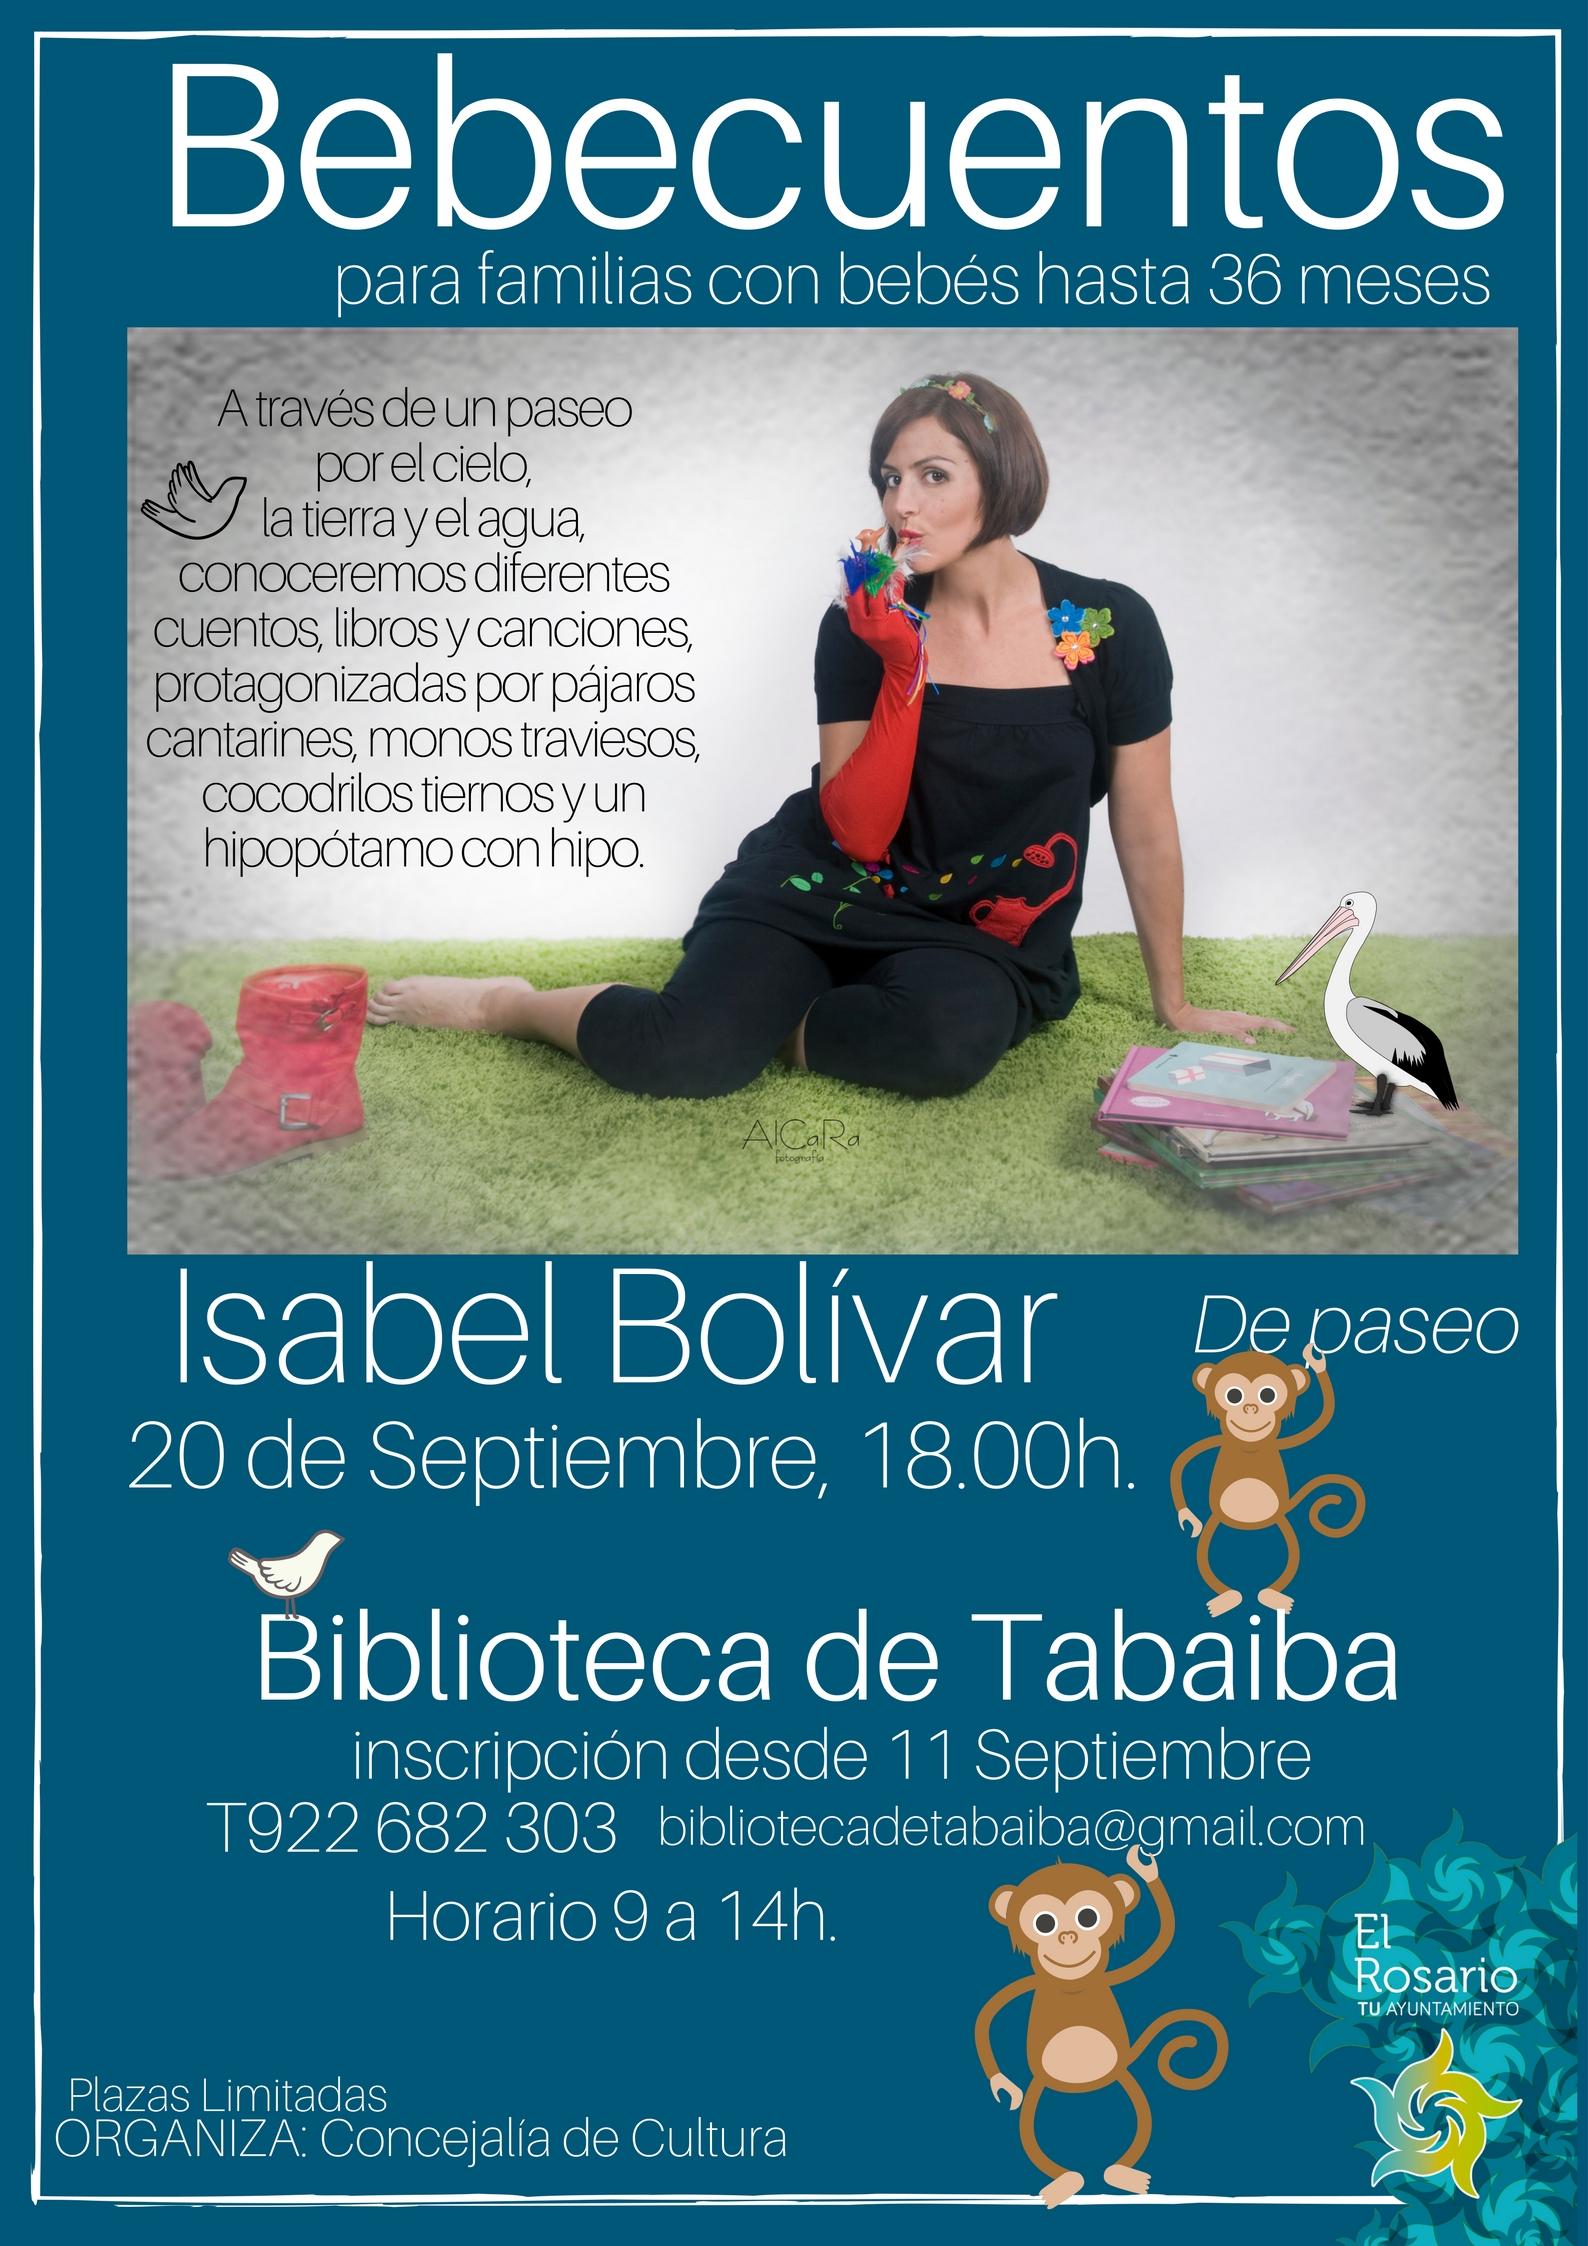 cartel bebecuentos Isabel Bolivar